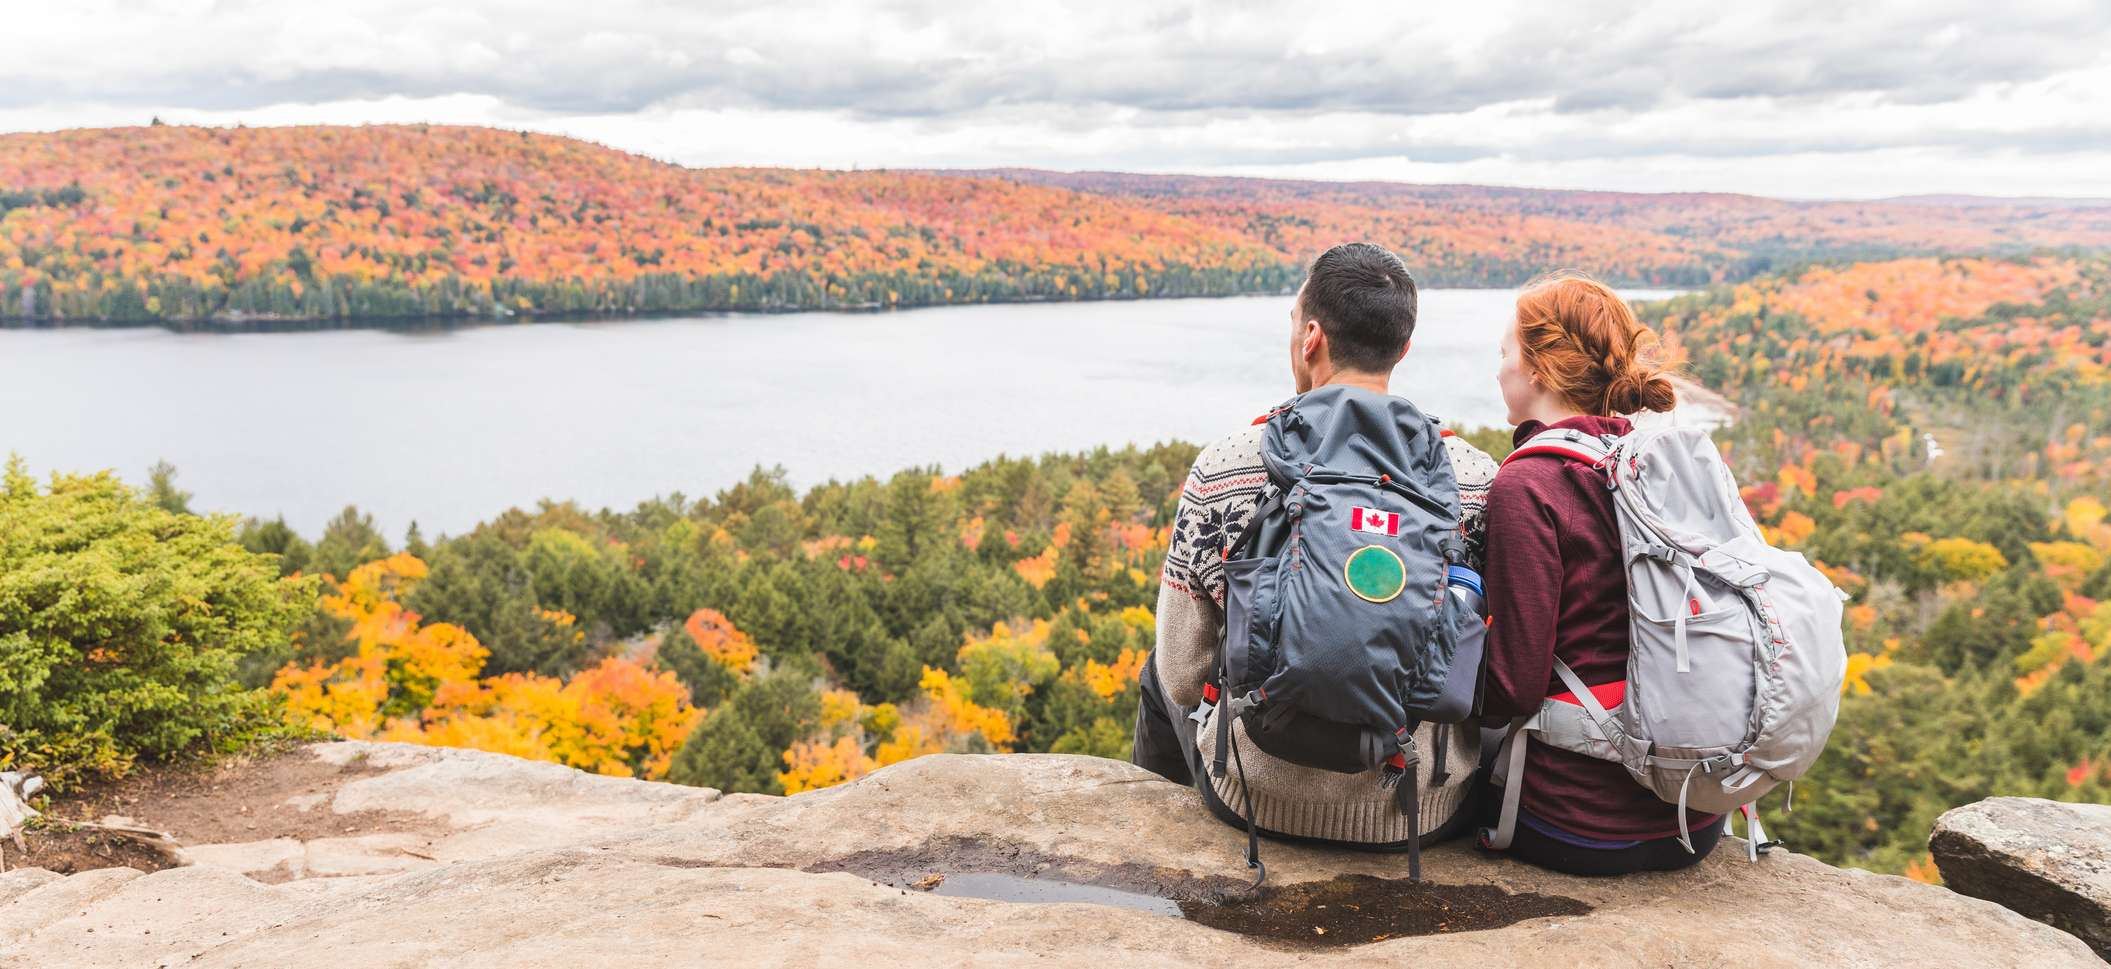 Junges Paar mit Rucksäcken sitzt auf einem Berg und sieht auf einen See